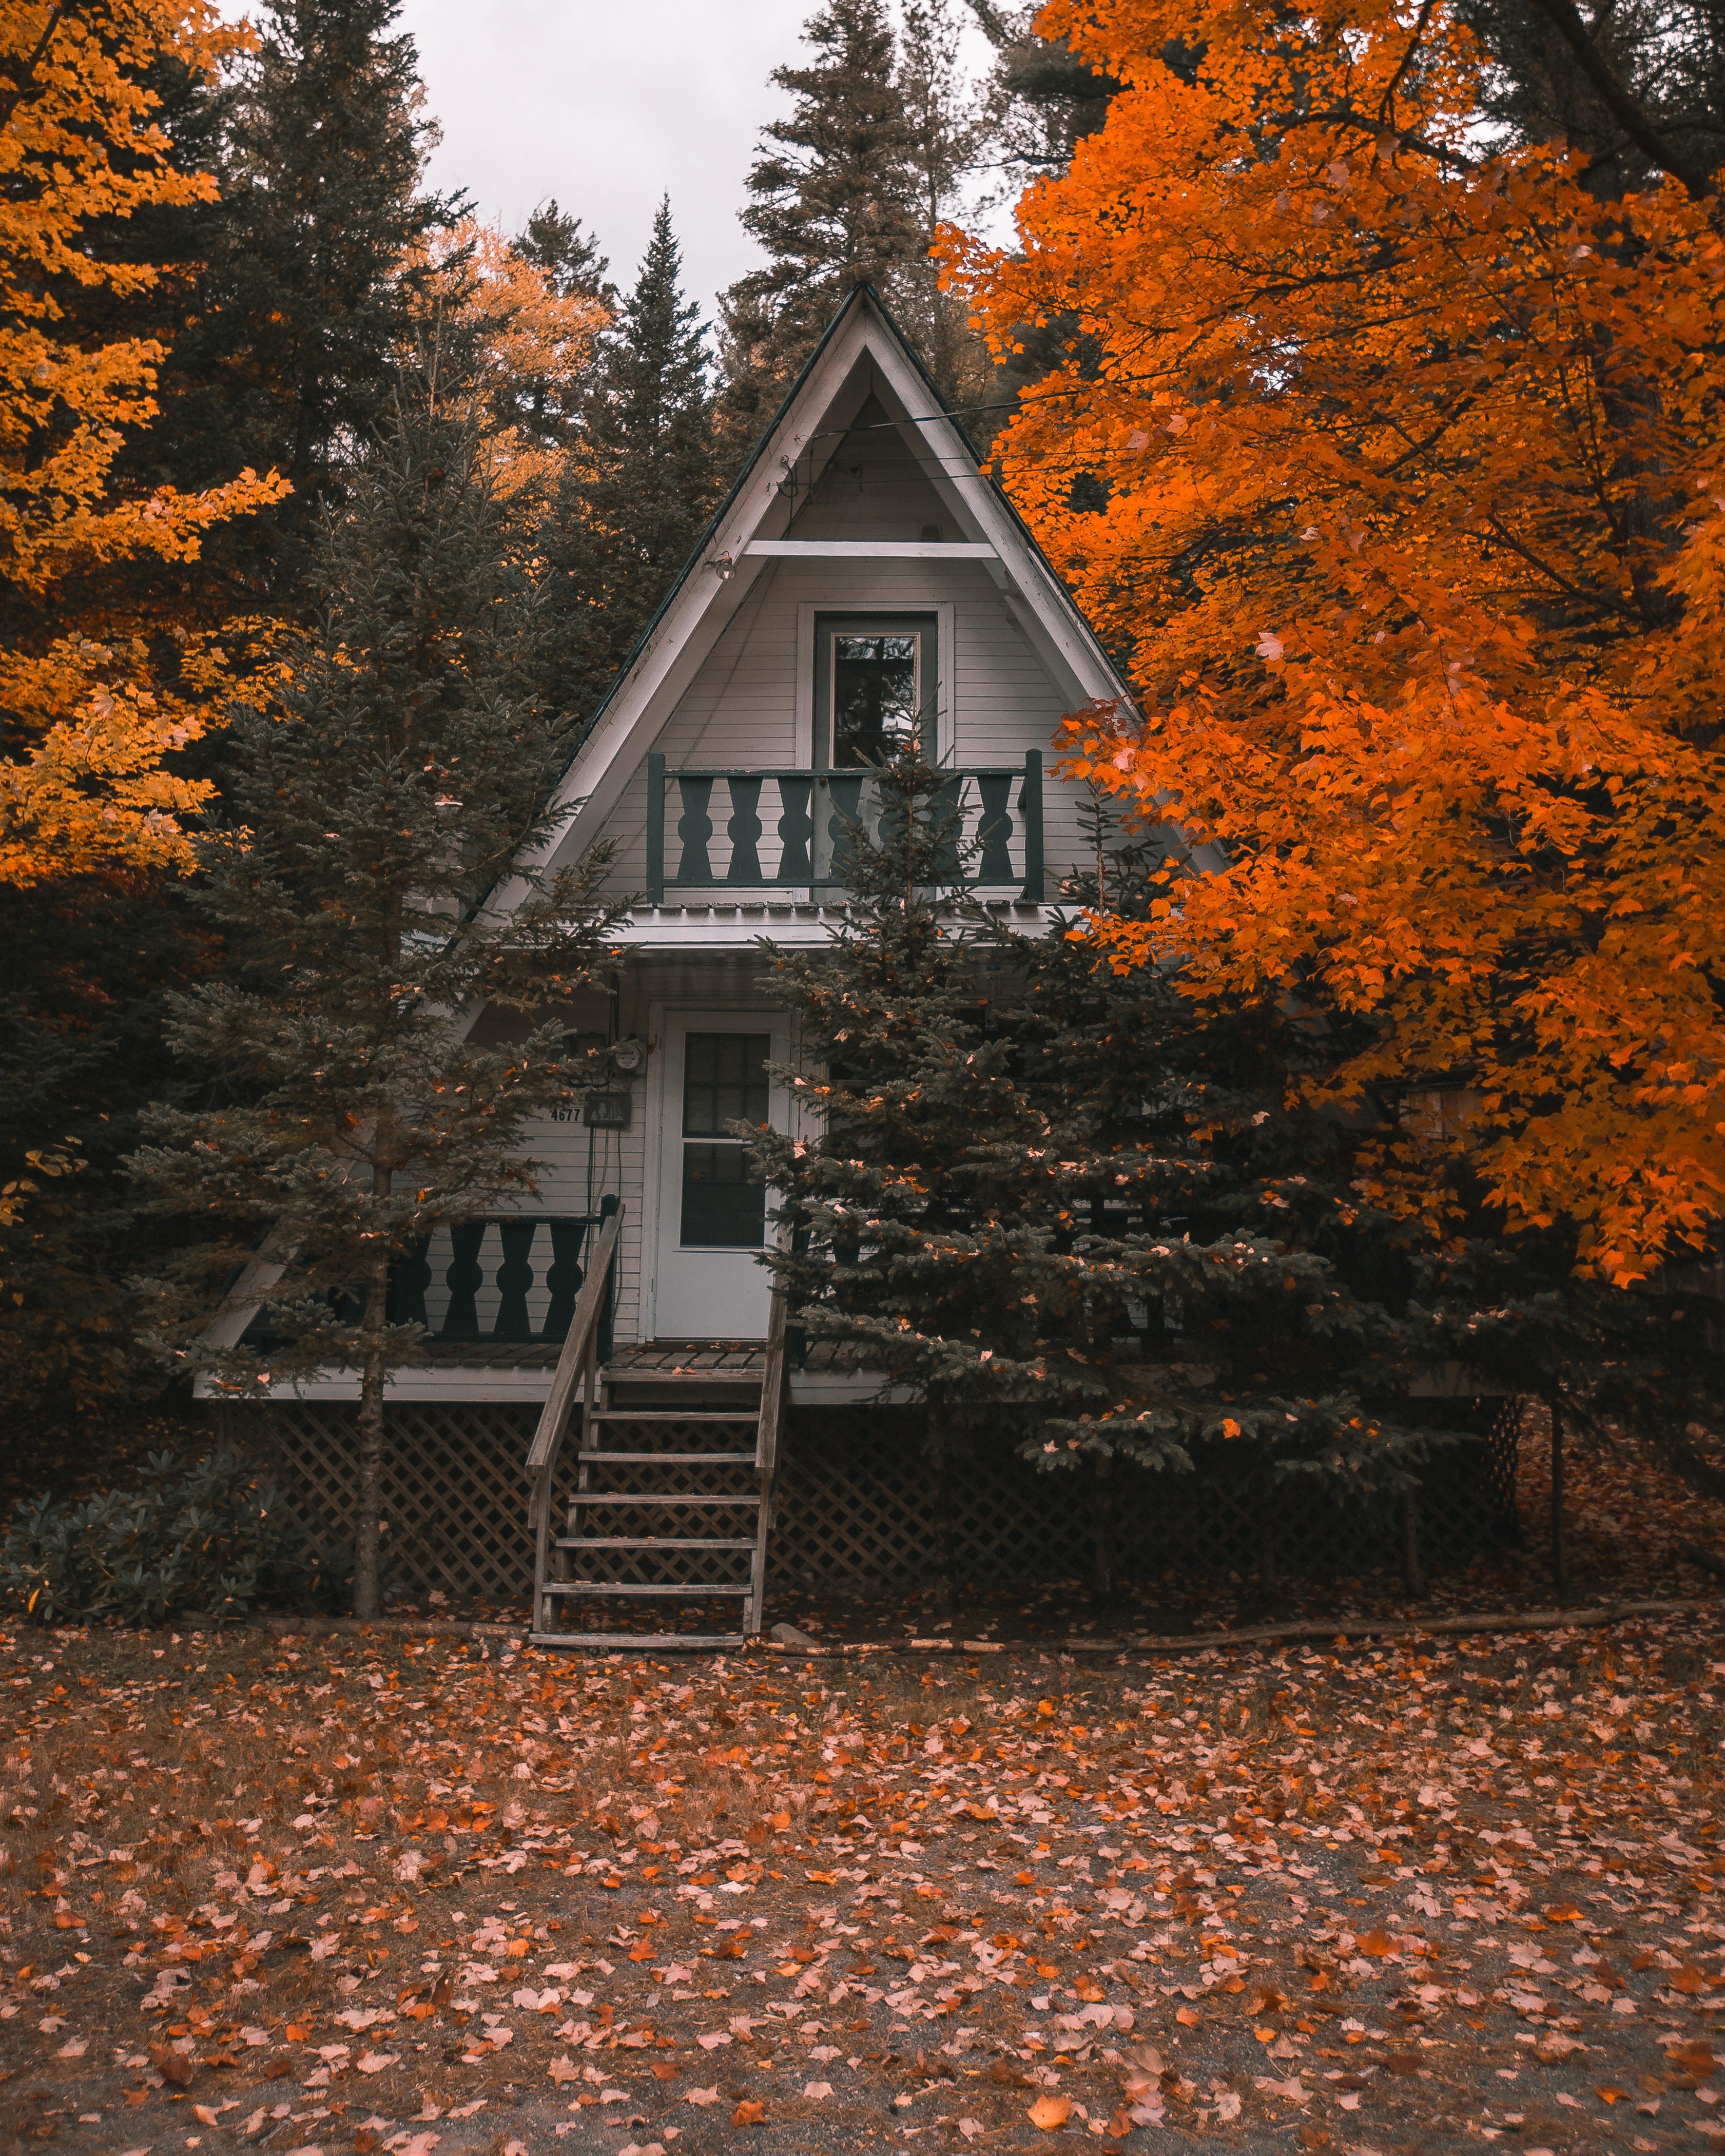 64812 скачать обои Осень, Уют, Домик, Природа, Деревья, Уединение - заставки и картинки бесплатно